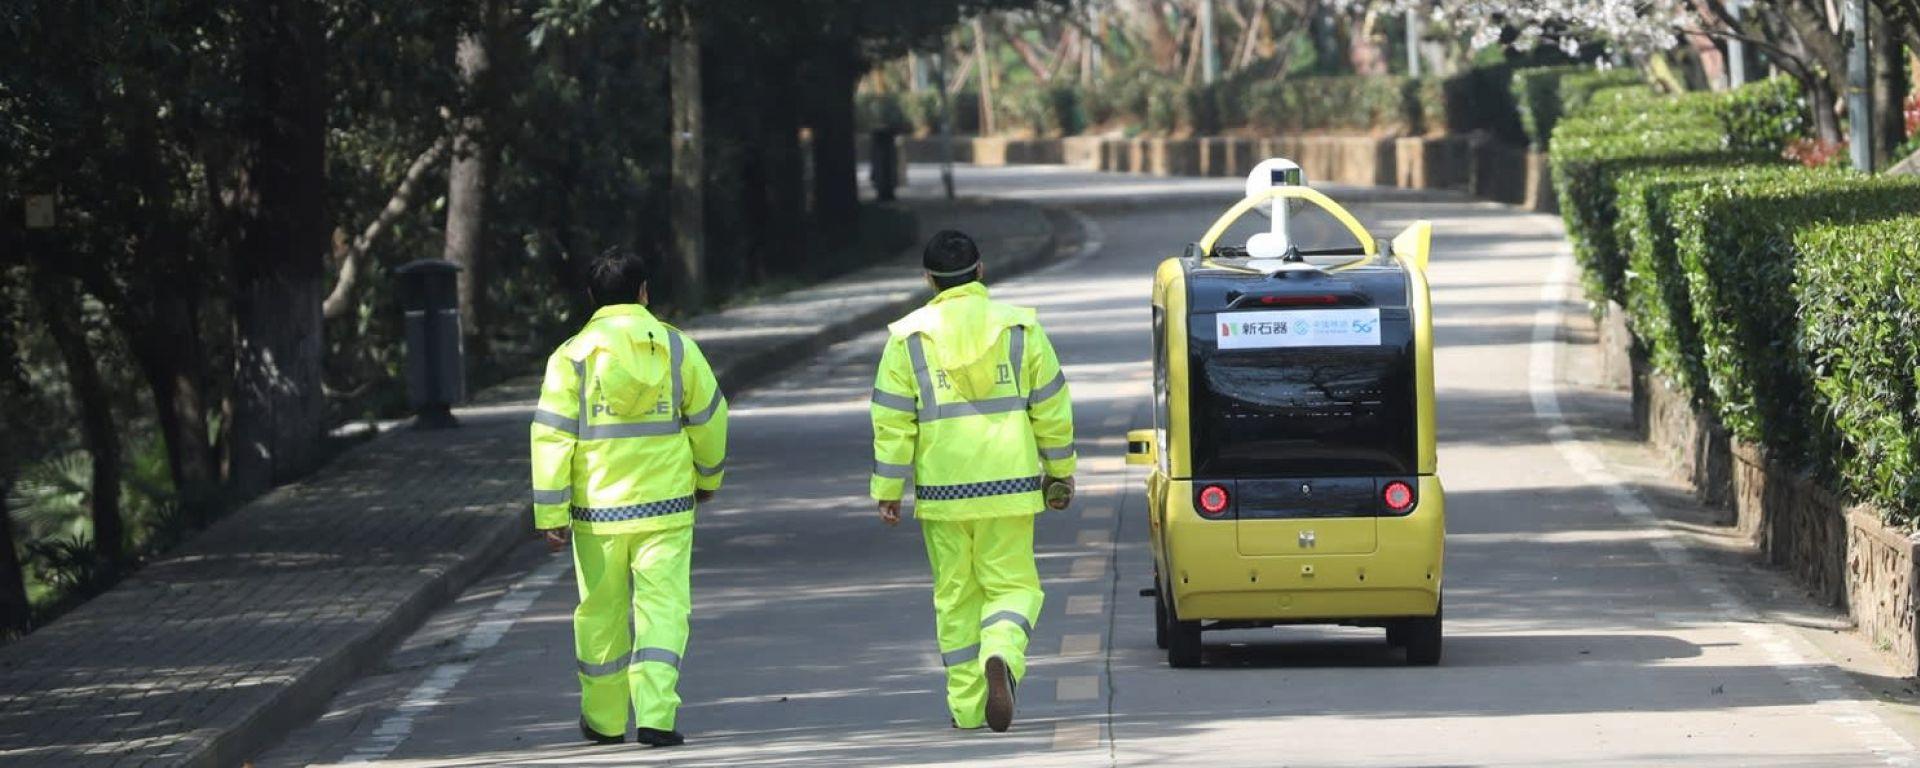 Veicolo senza conducente per le vie di Wuhan durante la pandemia da Covid-19